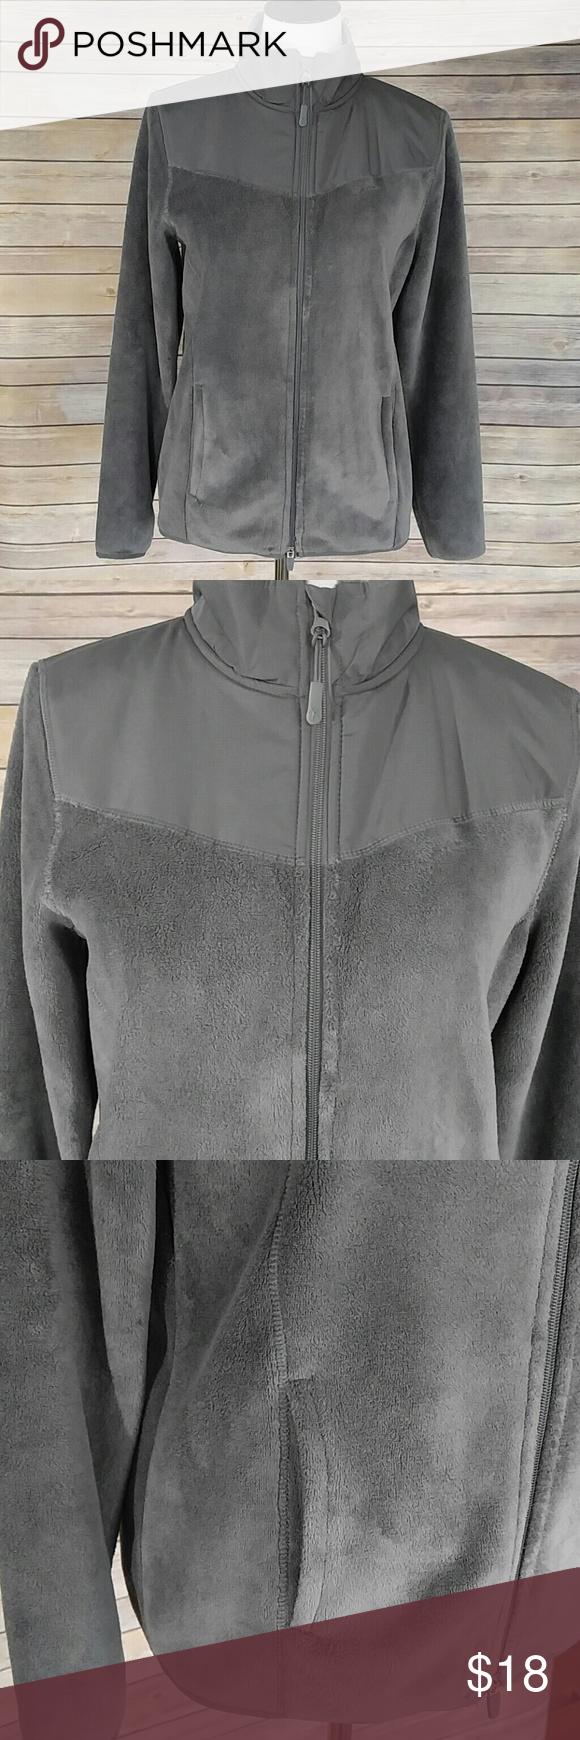 Danskin fleece jacket zip coats and customer support